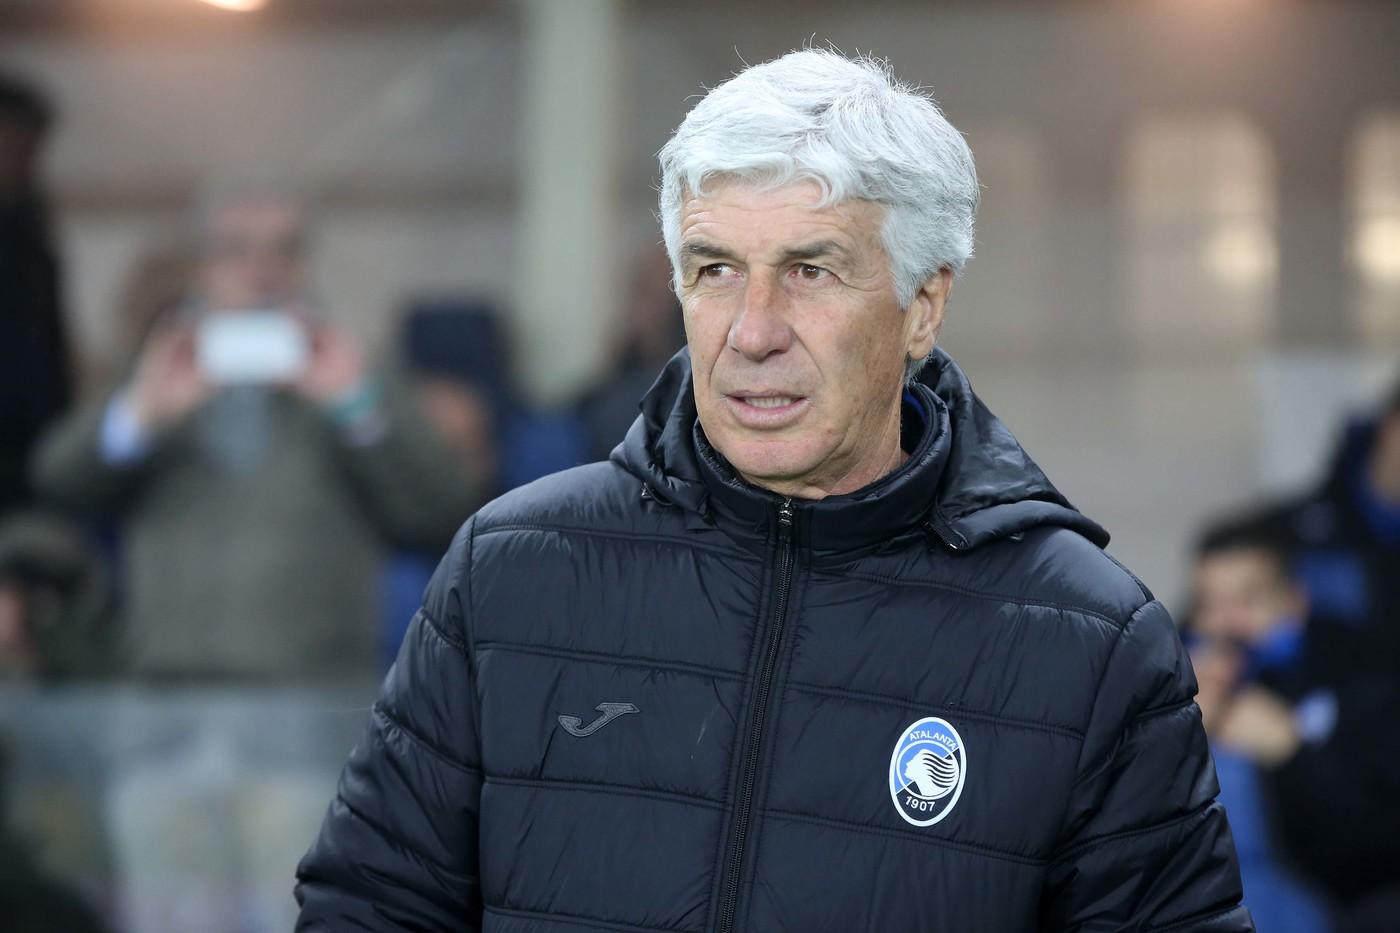 Europa League, Sarajevo-Atalanta giovedì 2 agosto: analisi e pronostico del ritorno dei quarti dei preliminari del torneo